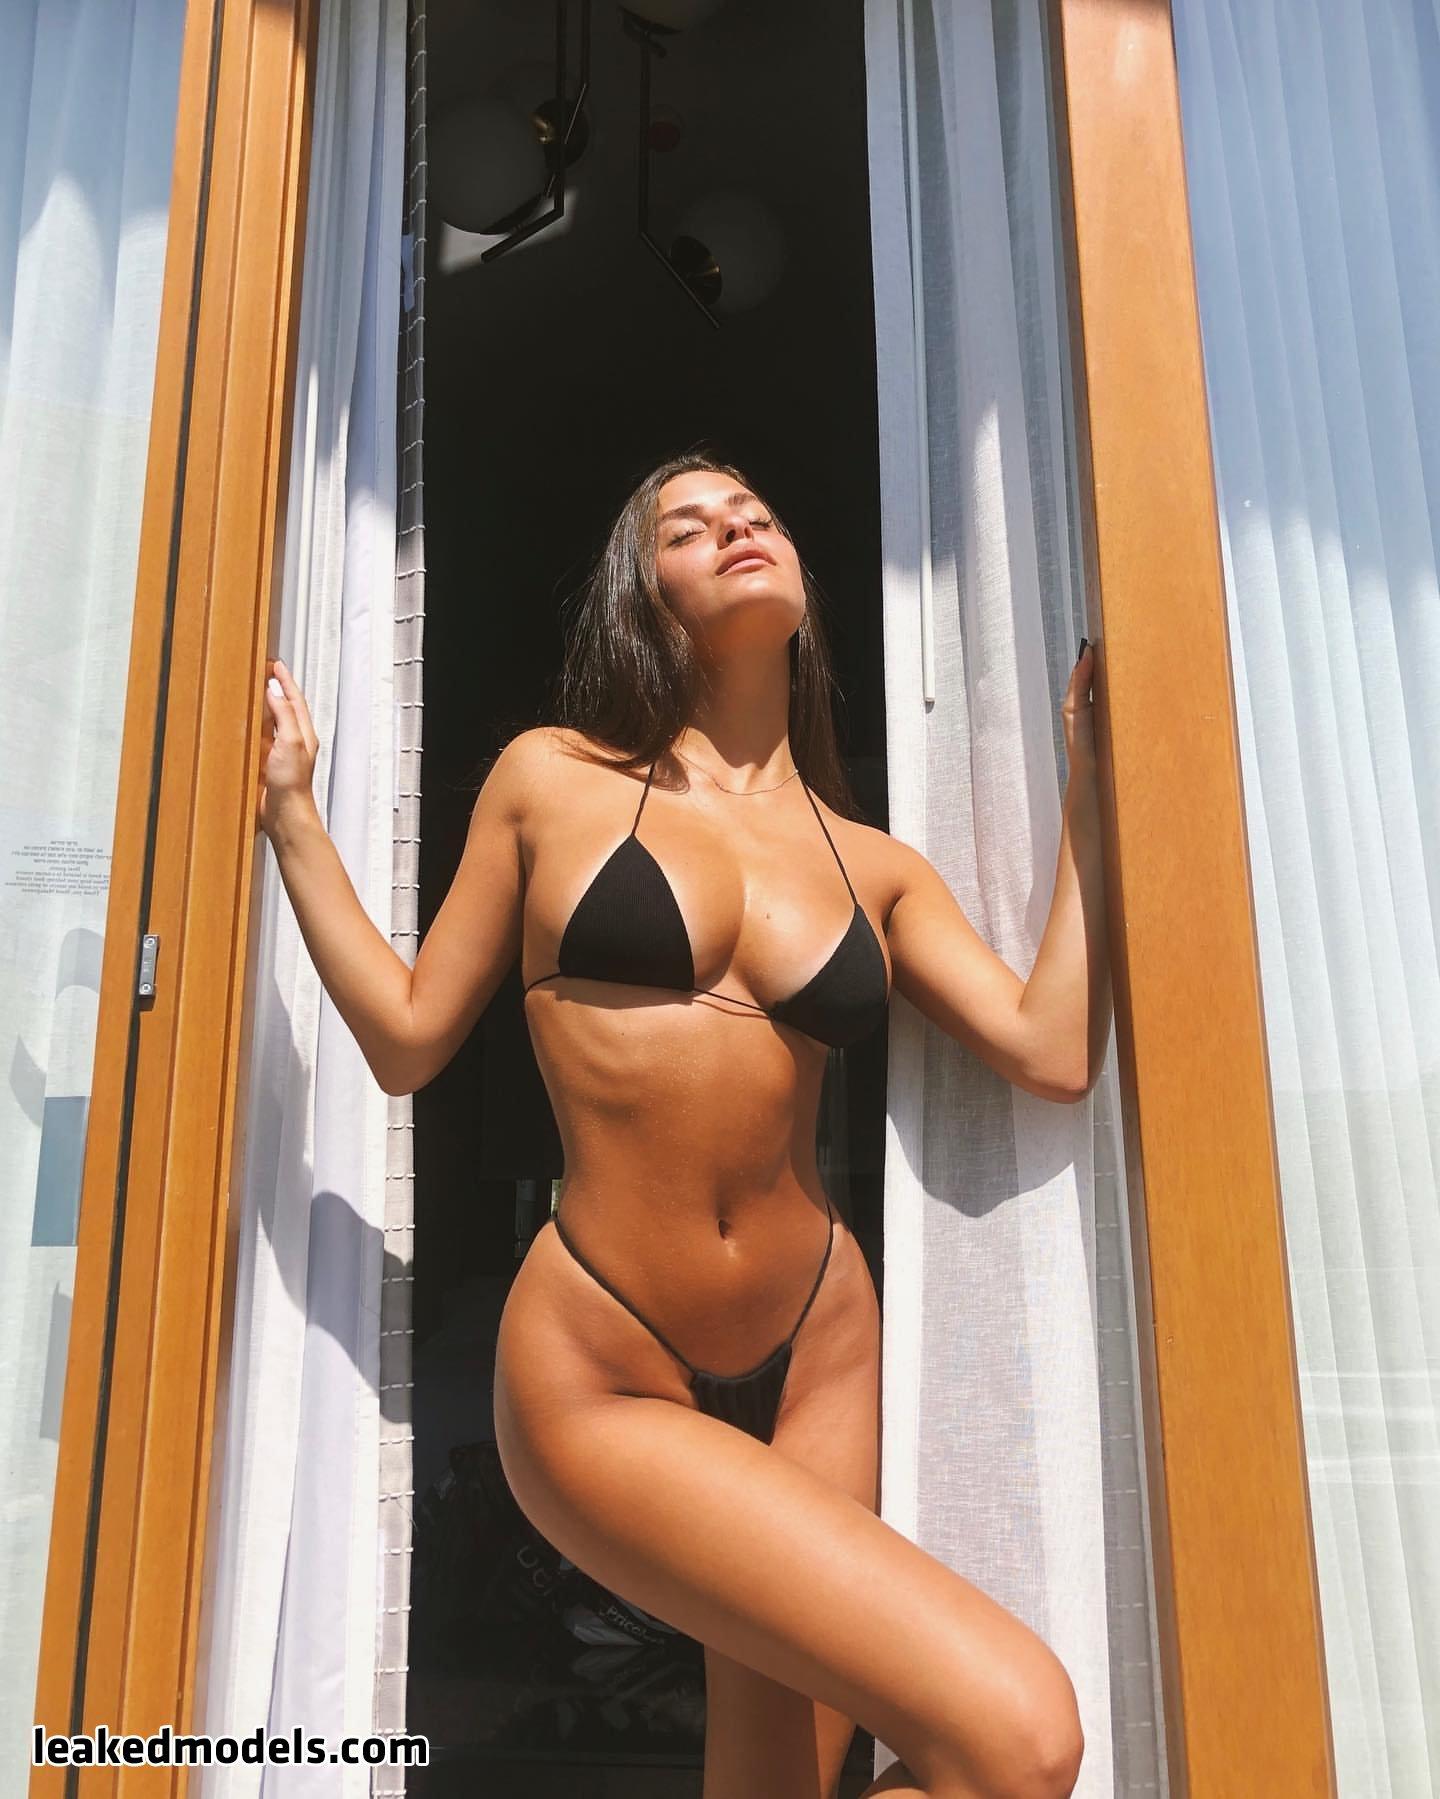 tal adar leaked nude leakedmodels.com 0008 - Tal Adar – _taladar Instagram Sexy Leaks (27 Photos)